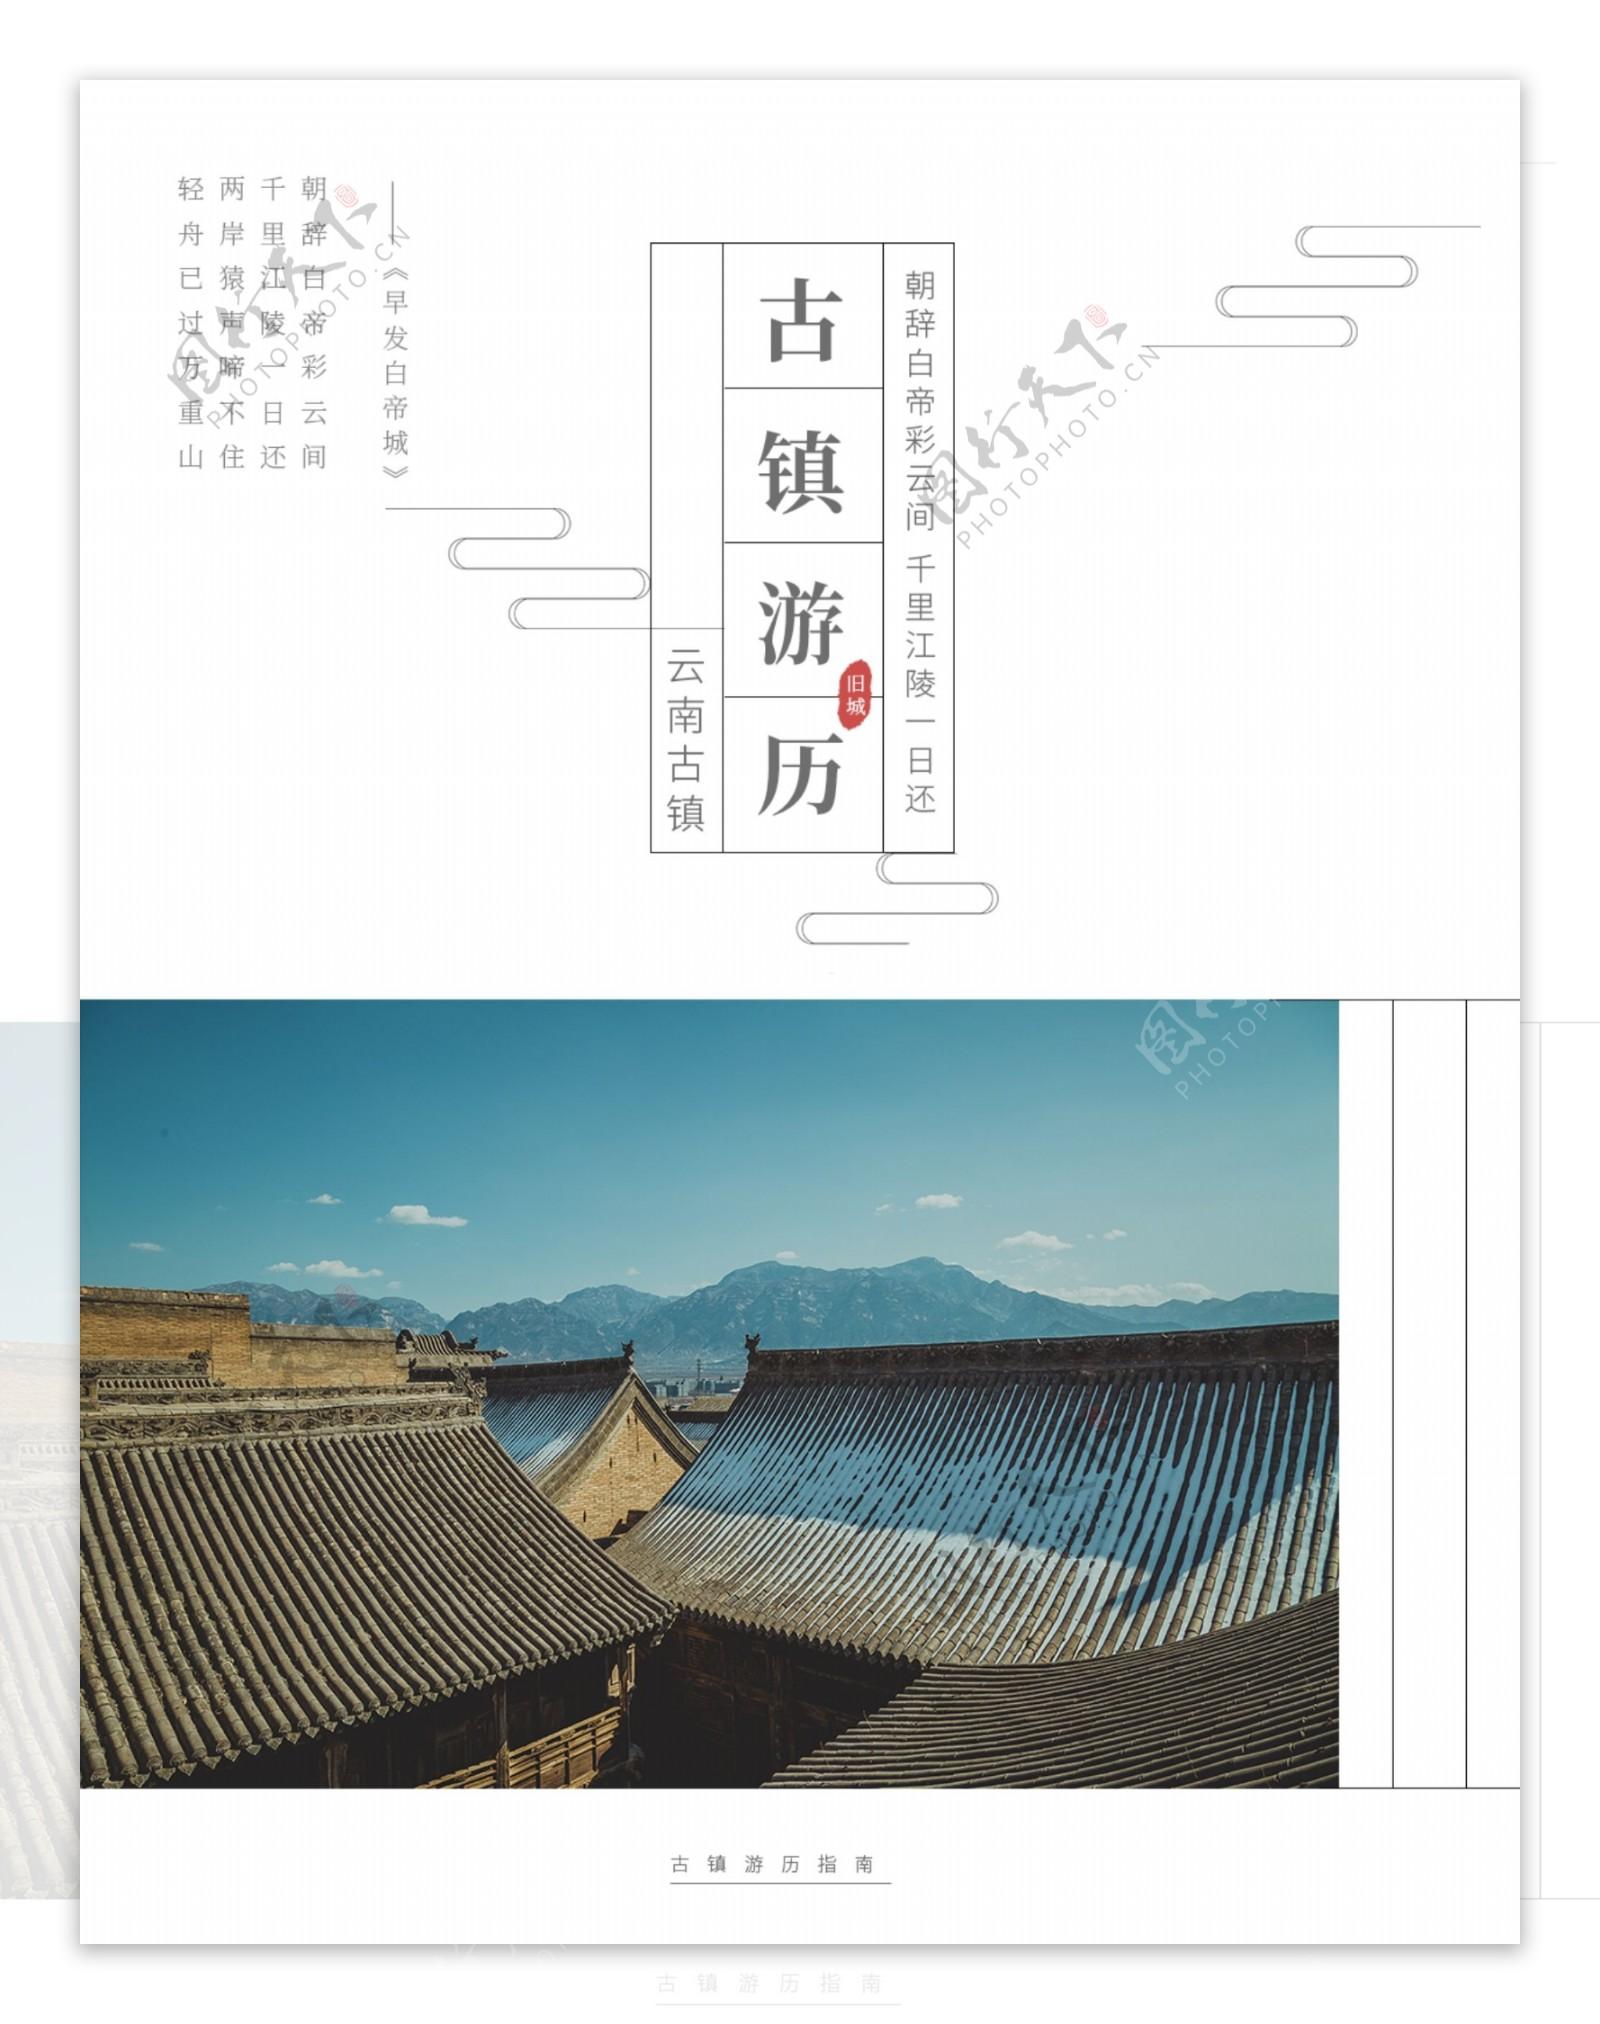 古镇旅游画册封面排版设计